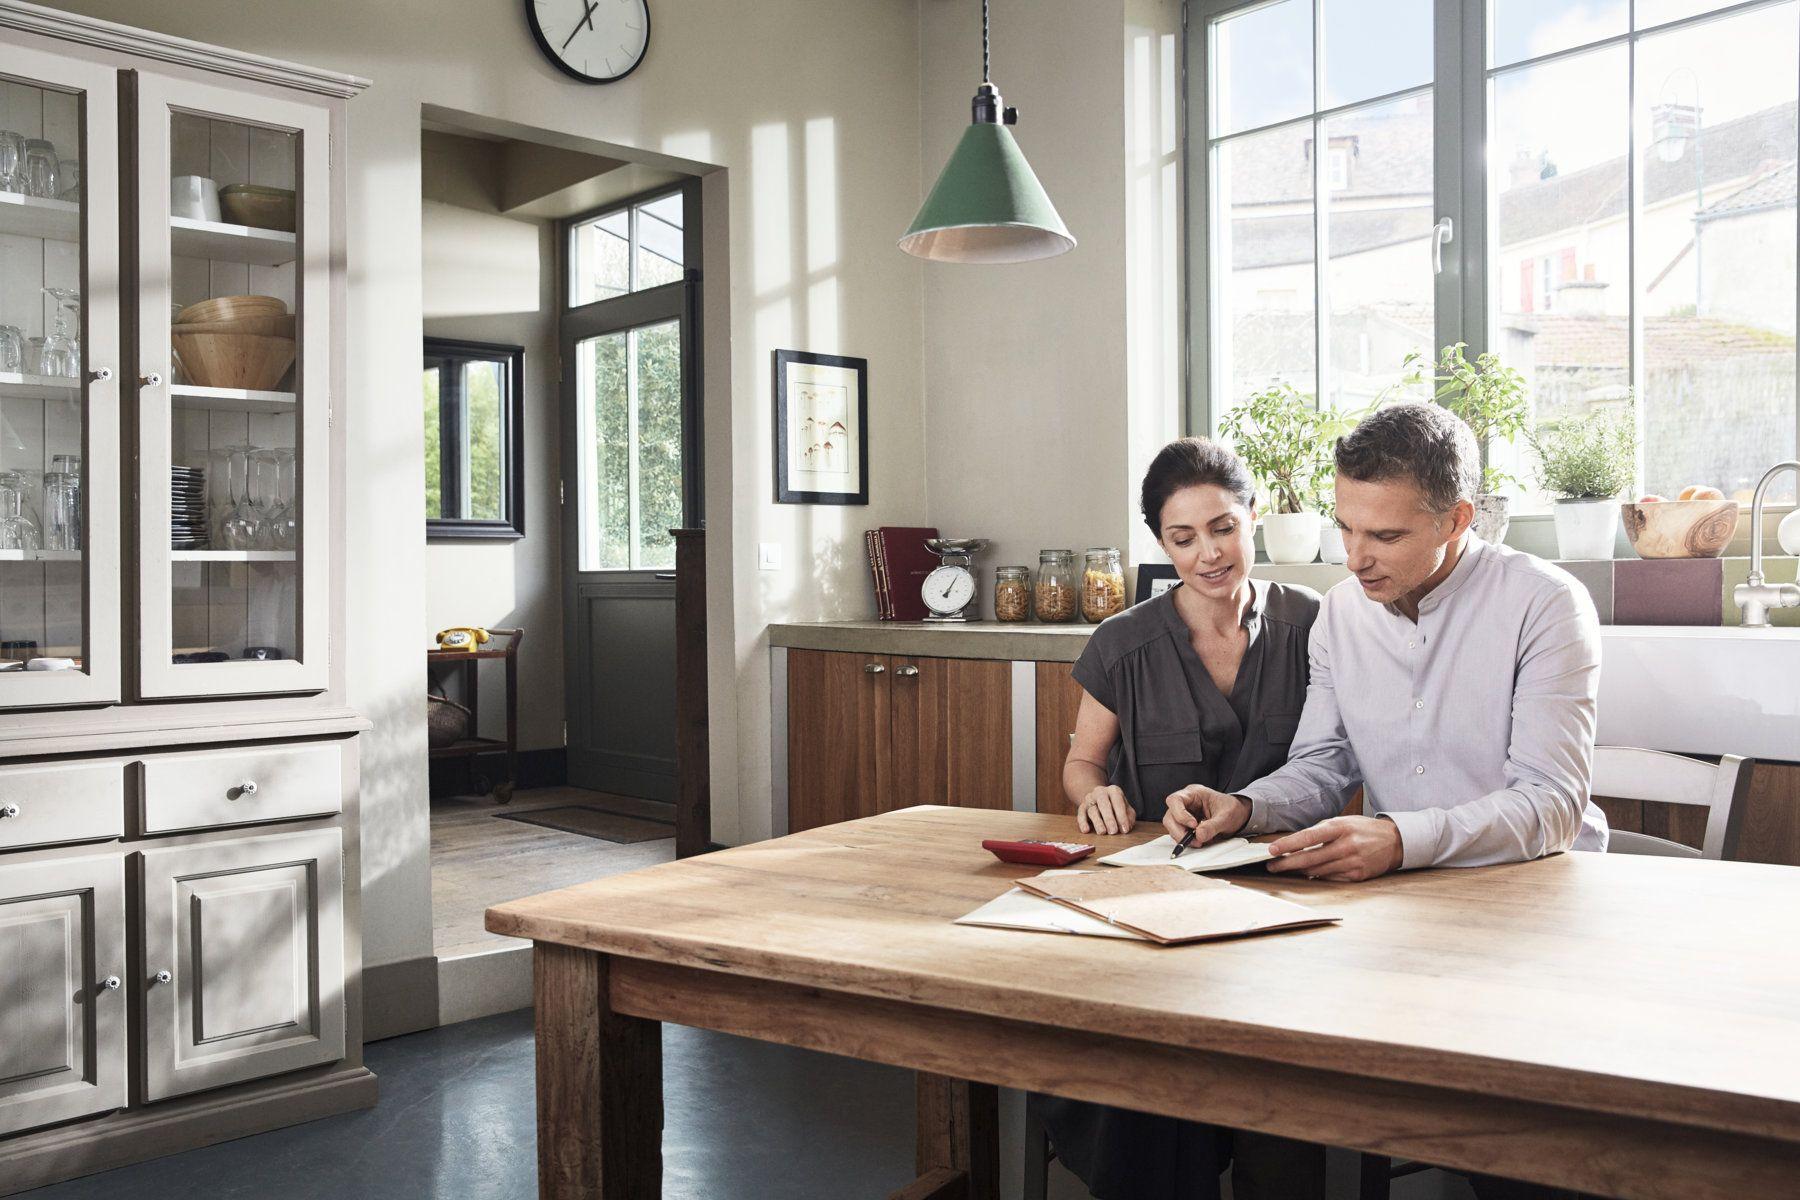 pourquoi ne pas rentabiliser votre appartement ou votre maison durant vos absences louer votre logement meubl quelques semaines par an peut en effet vous